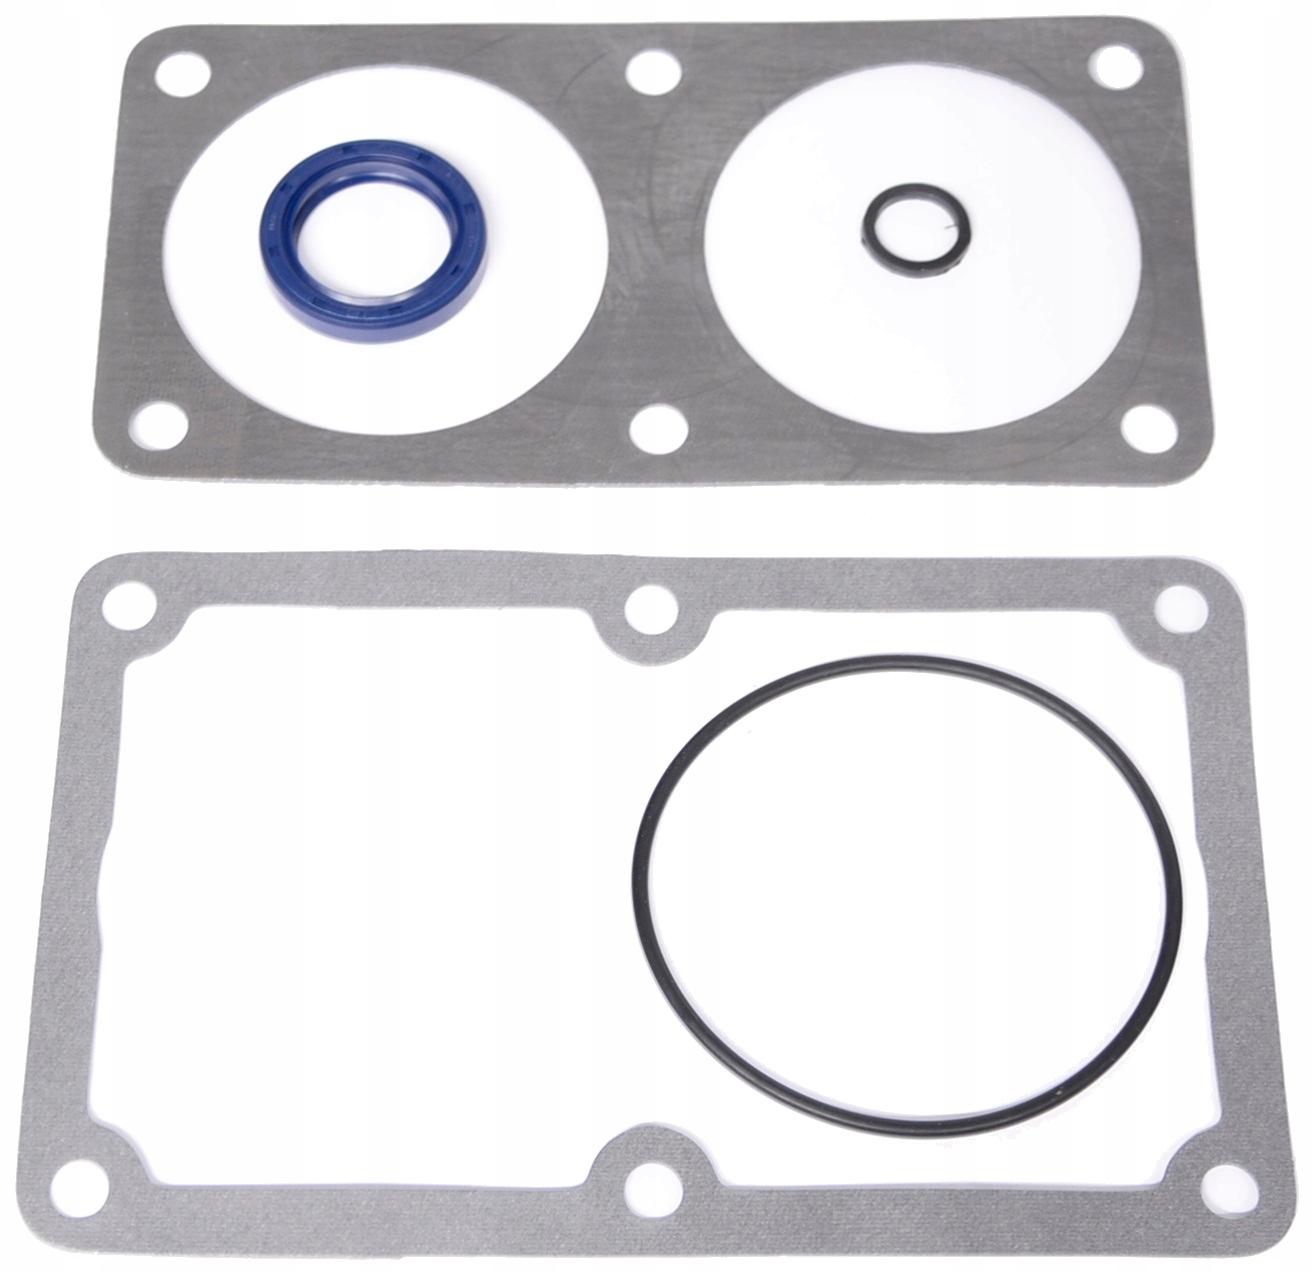 комплект прокладок к компрессоры hs-21 комплект jelcz